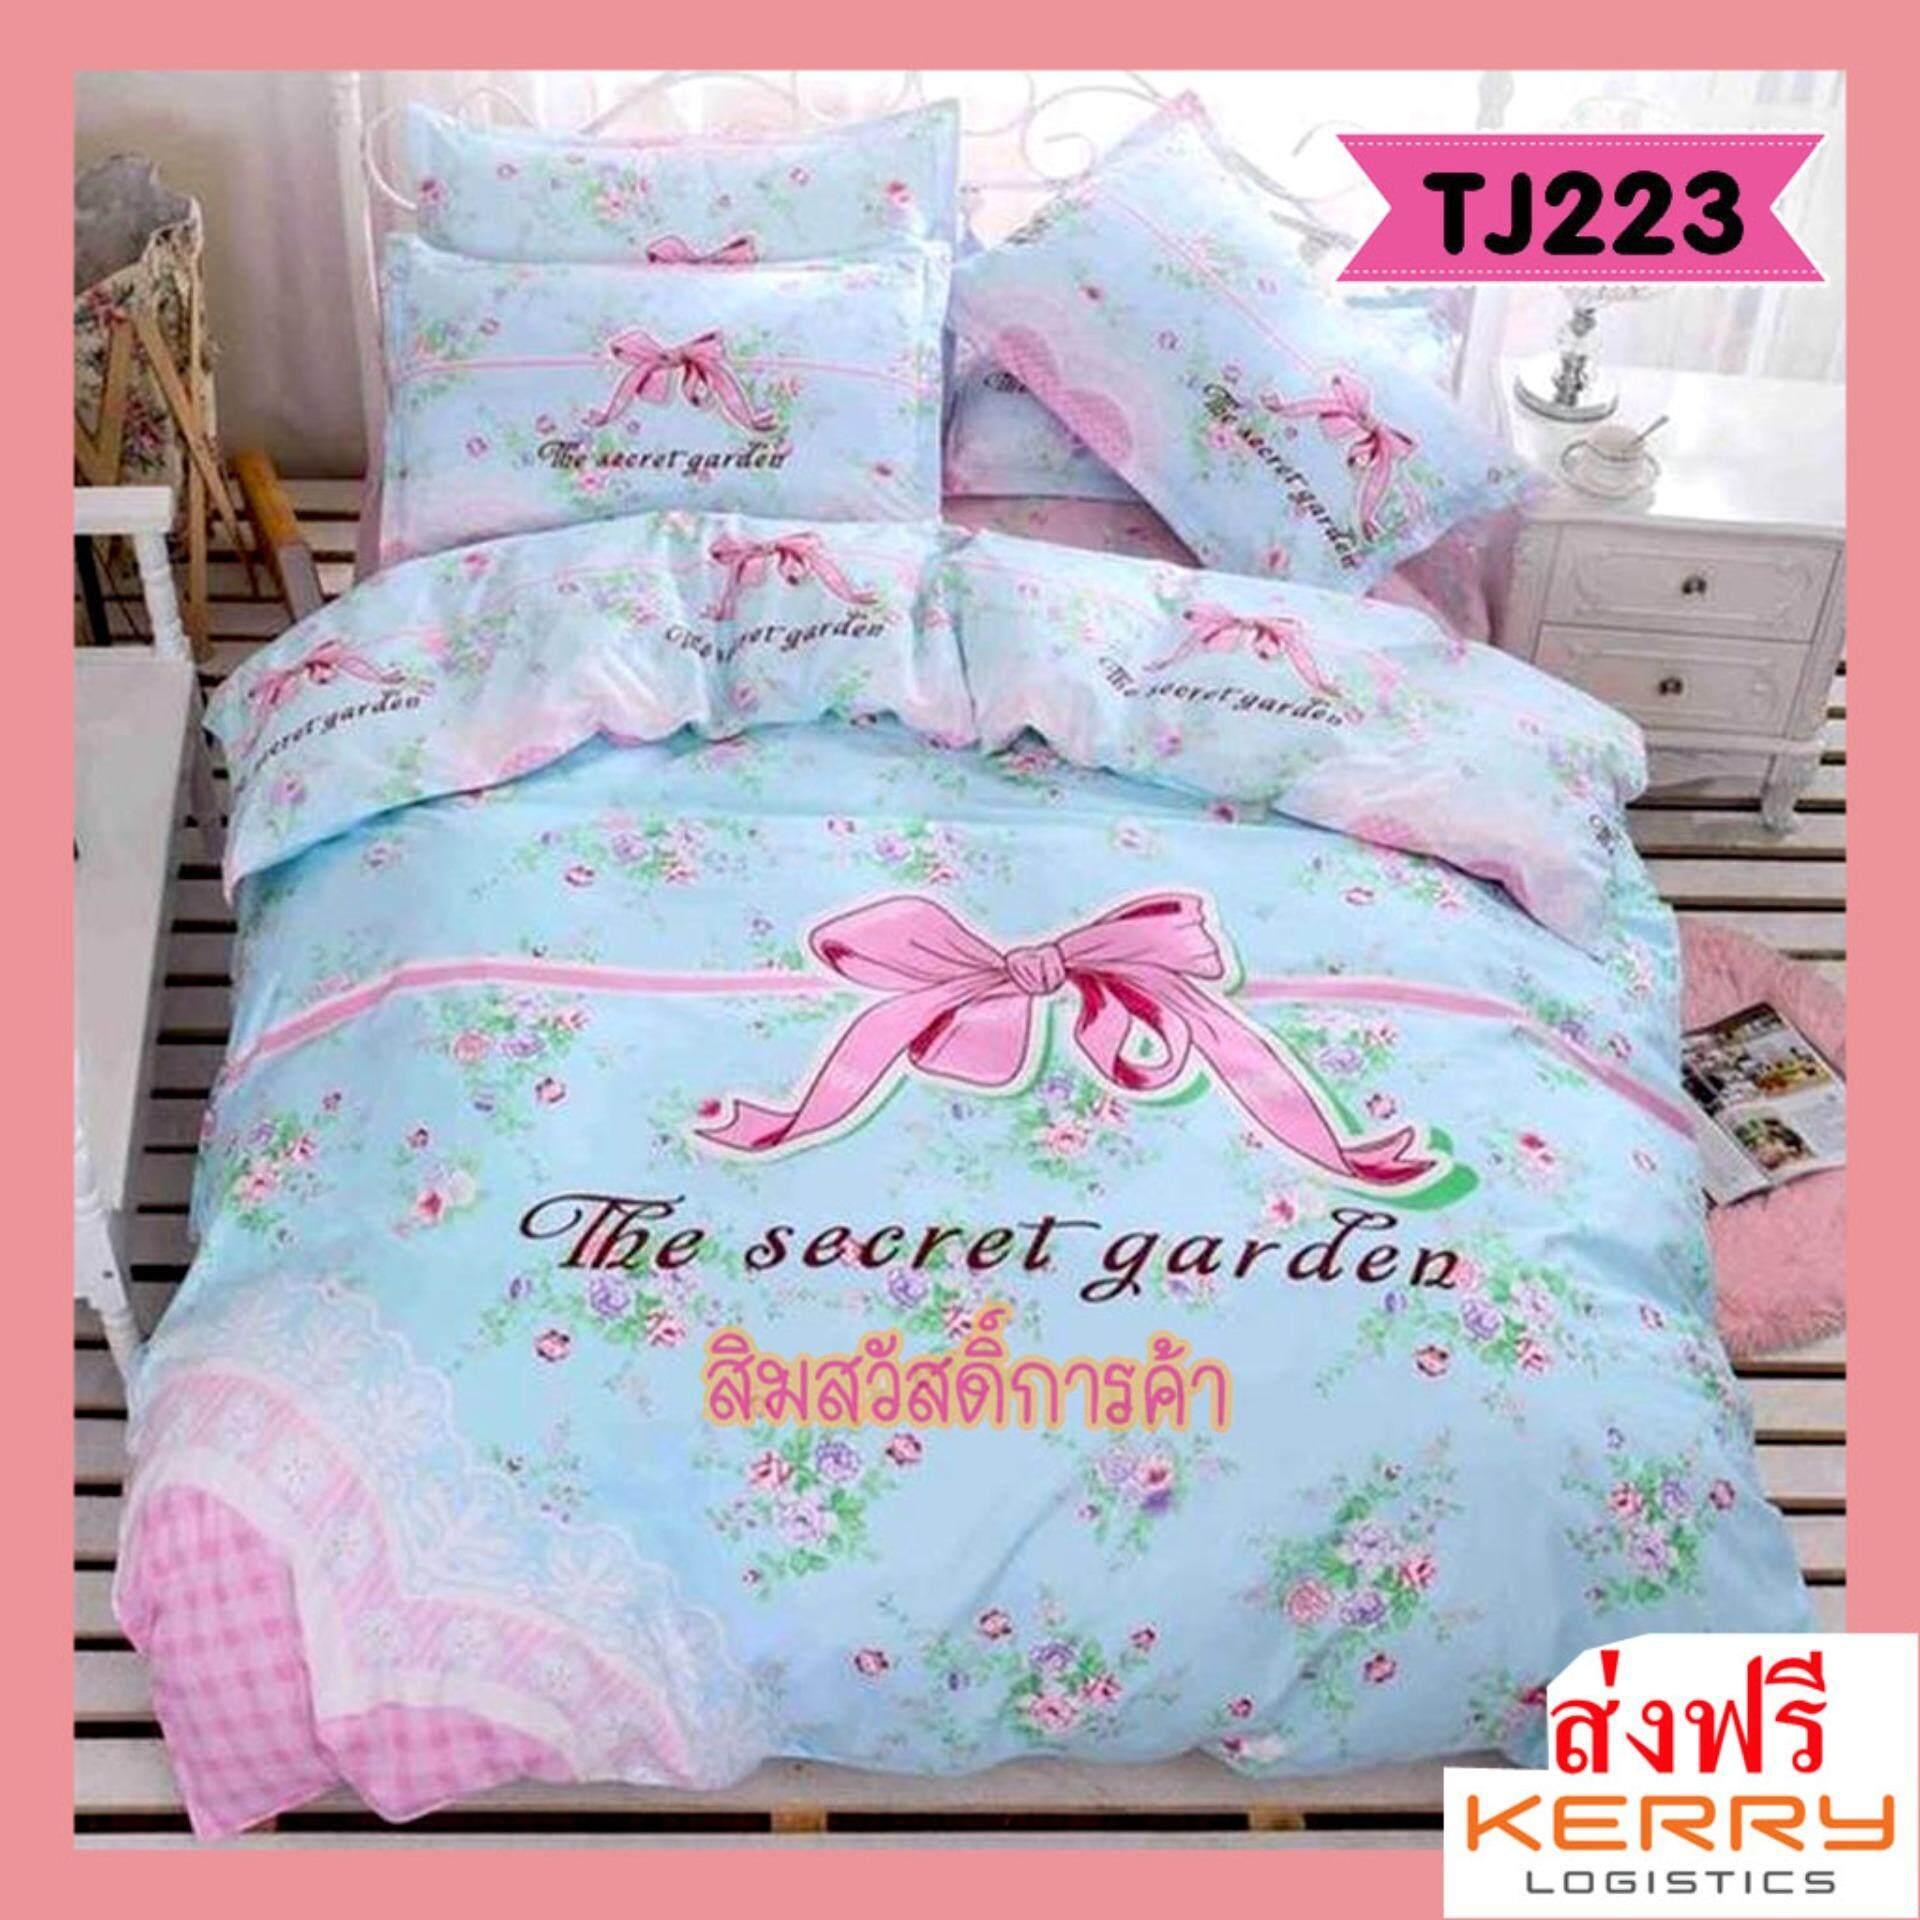 ซื้อ Simsawas ชุดเครื่องนอน ผ้าห่มนวม ผ้าปูที่นอน5ฟุต 5ชิ้น รุ่น Tj223 ถูก